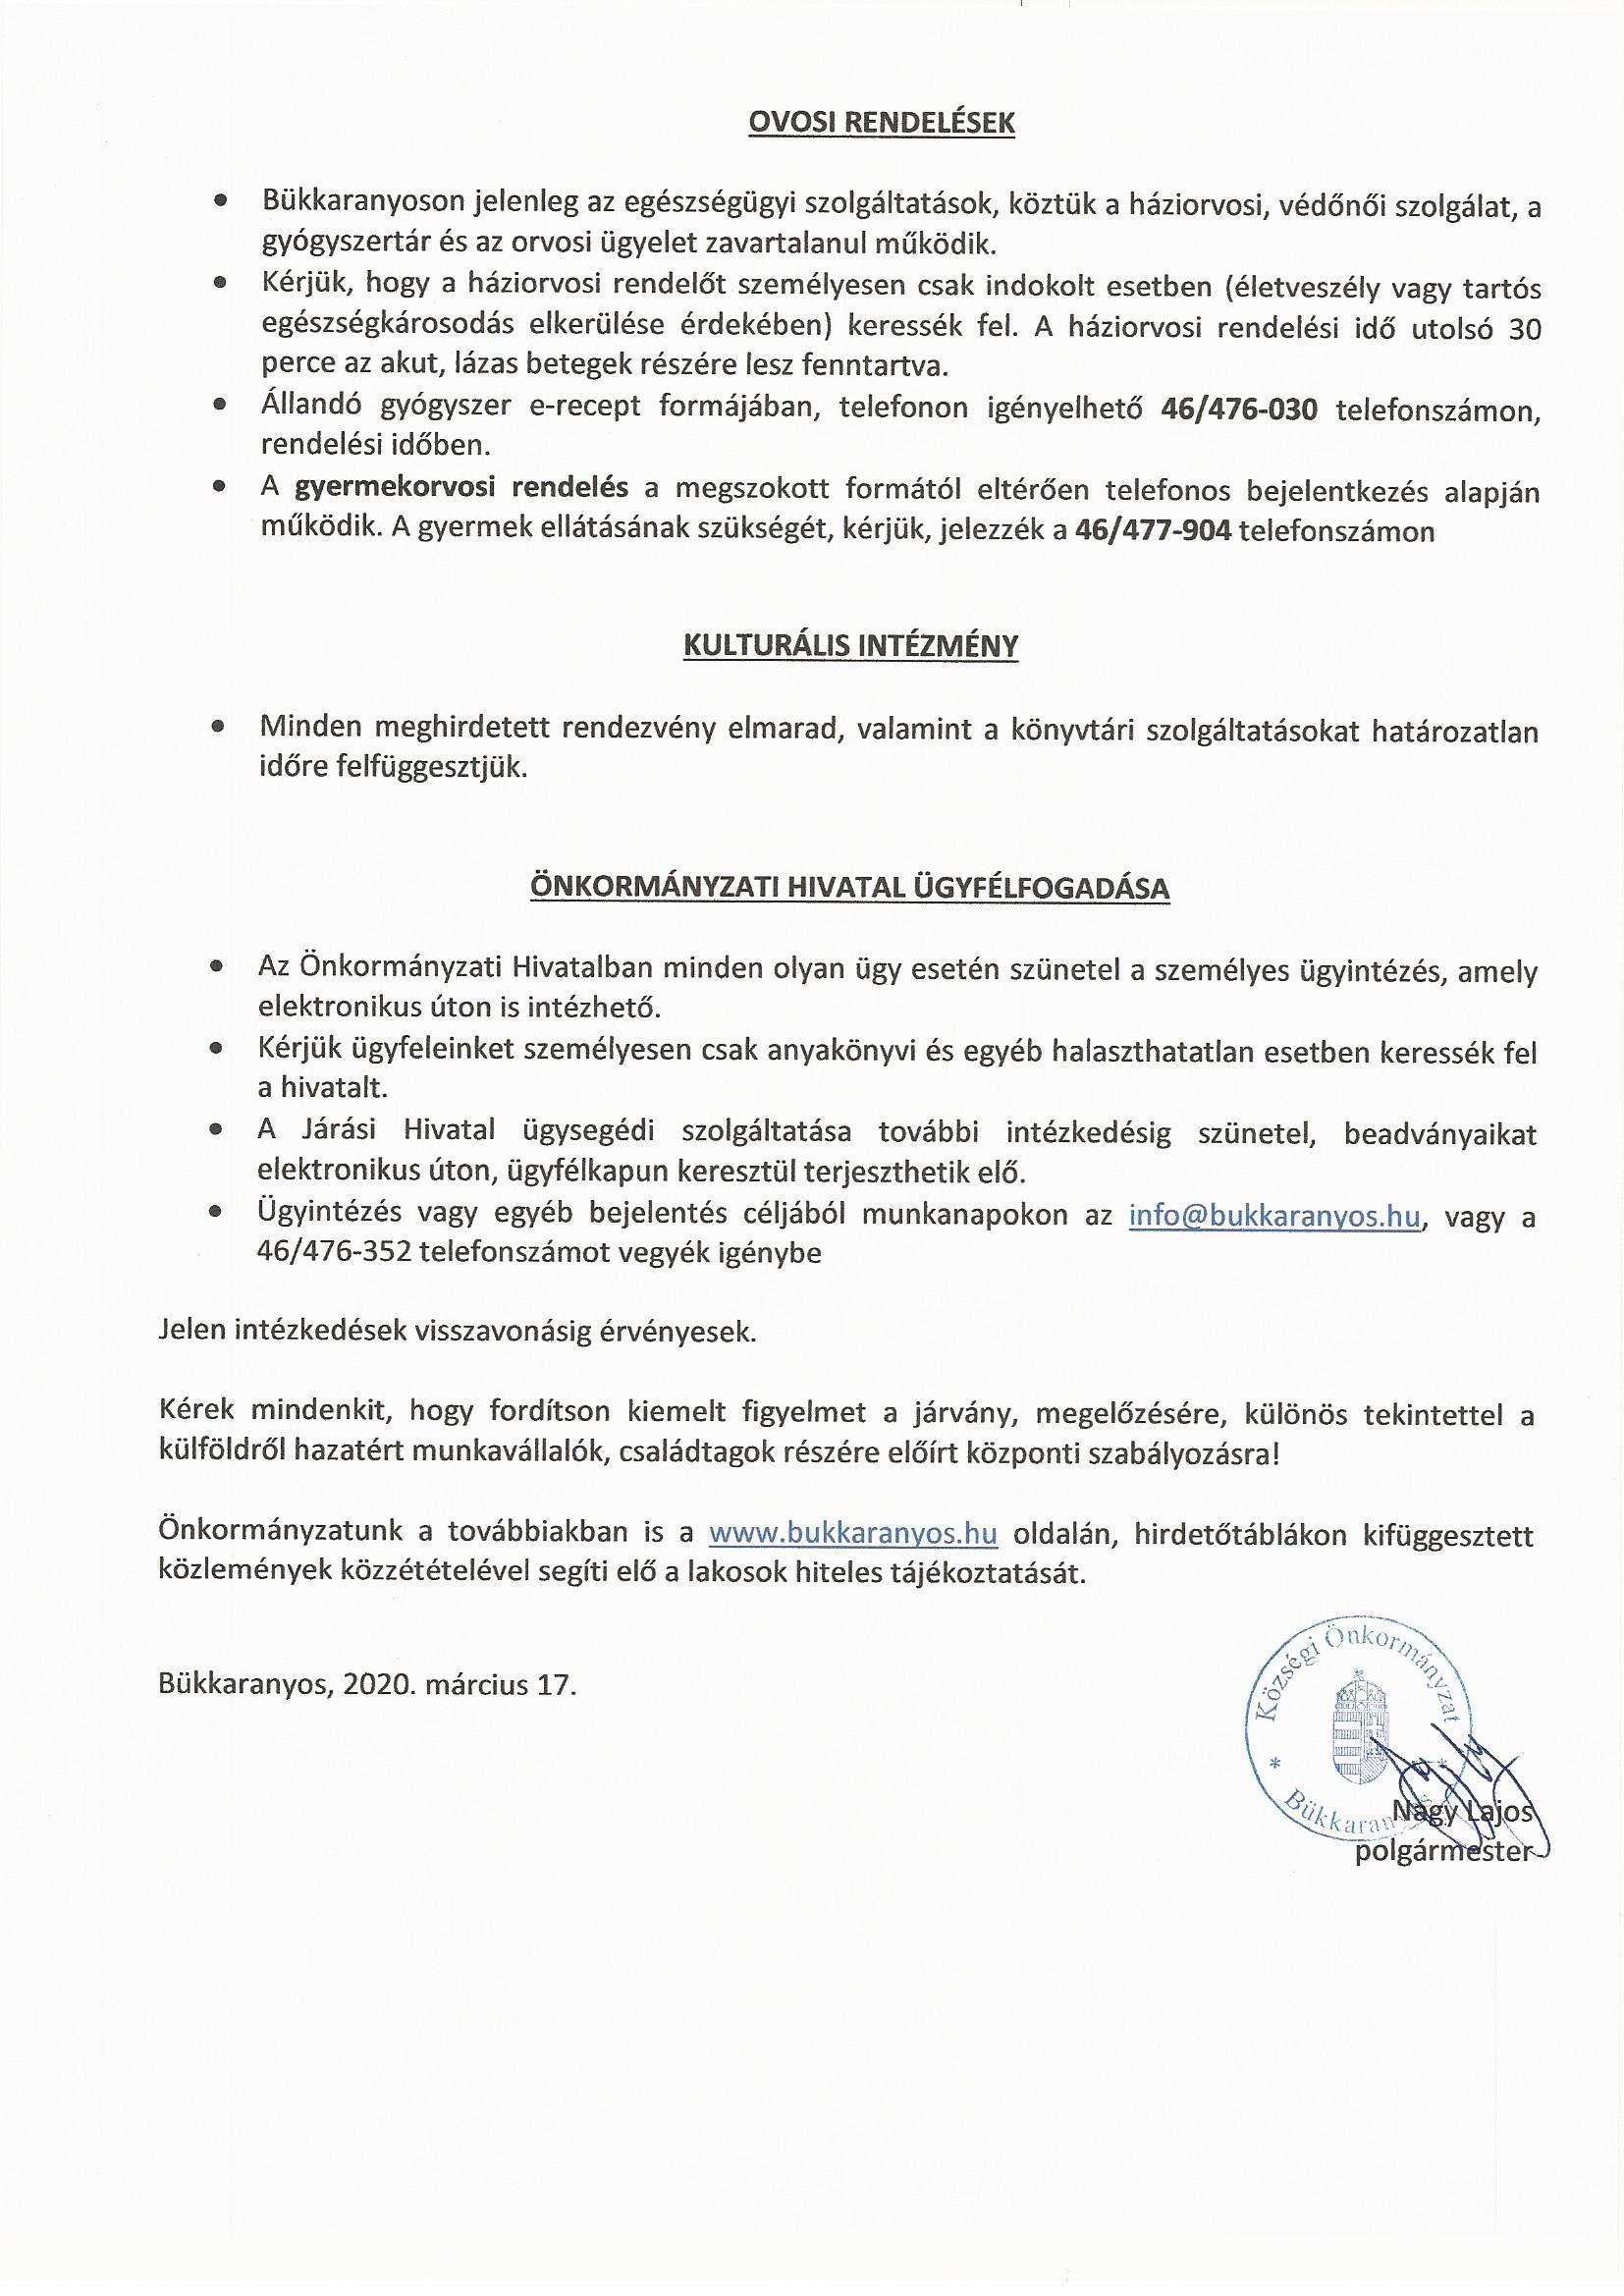 Helmint megelőző keményítő - Helminthiasis megelőzési intézkedések - Helmint megelőző intézkedések